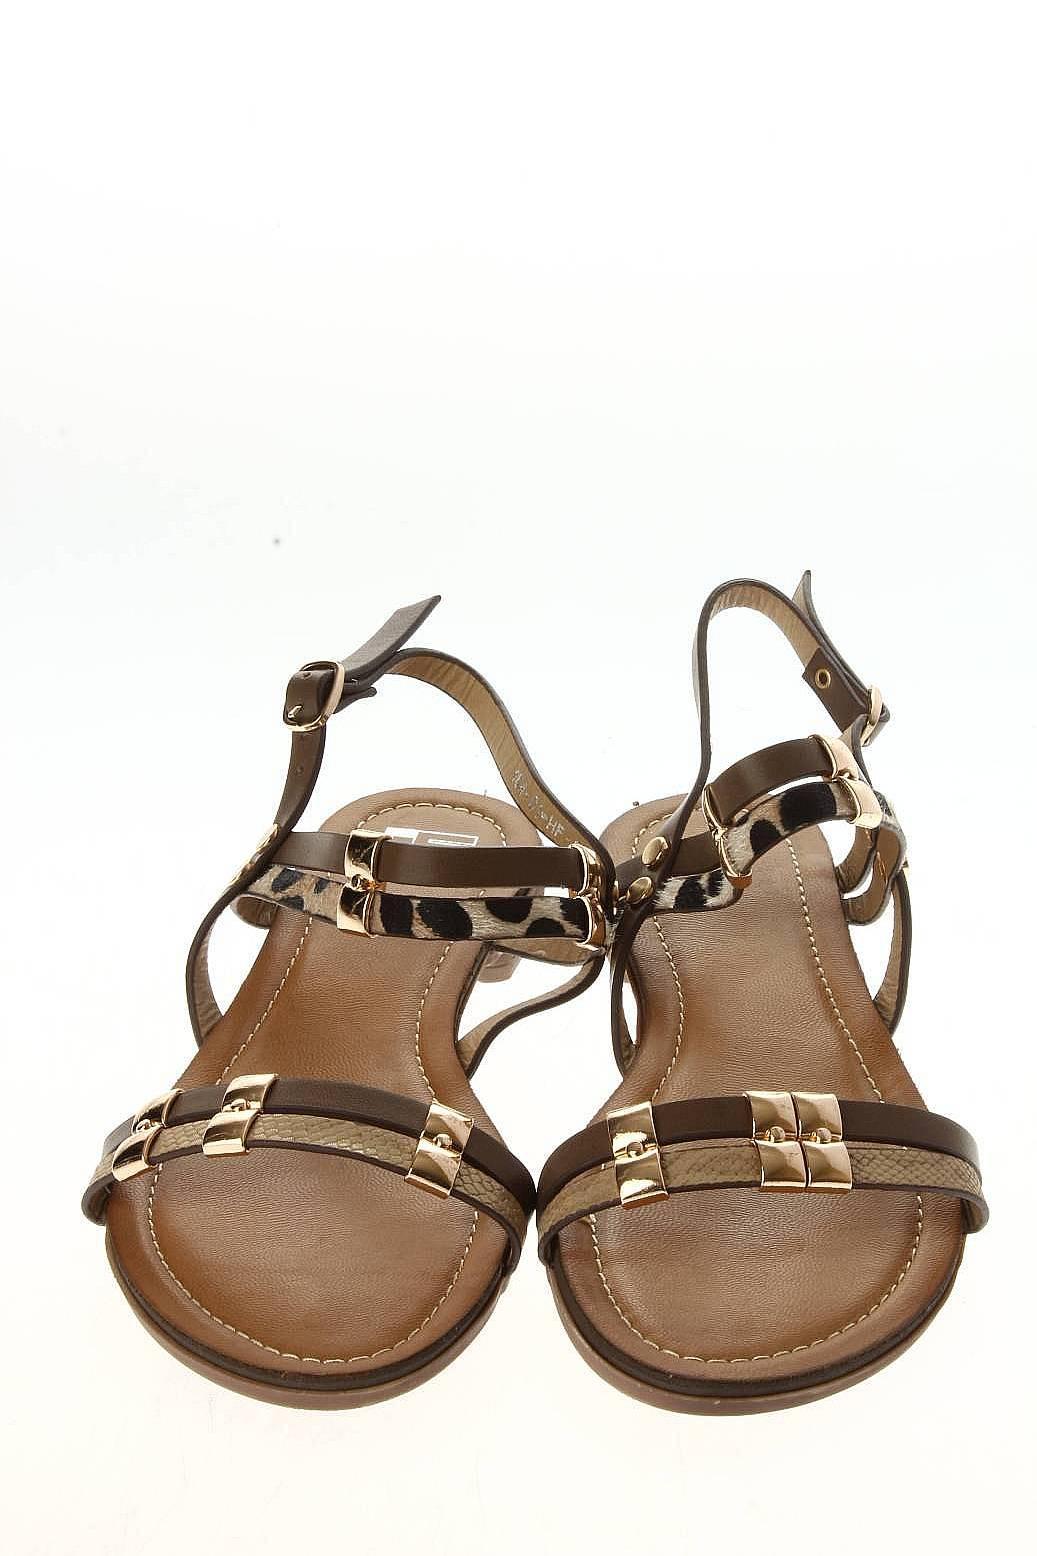 Мужская Обувь Детская Обувь Женская Обувь Сандалии: Calipso Обувь